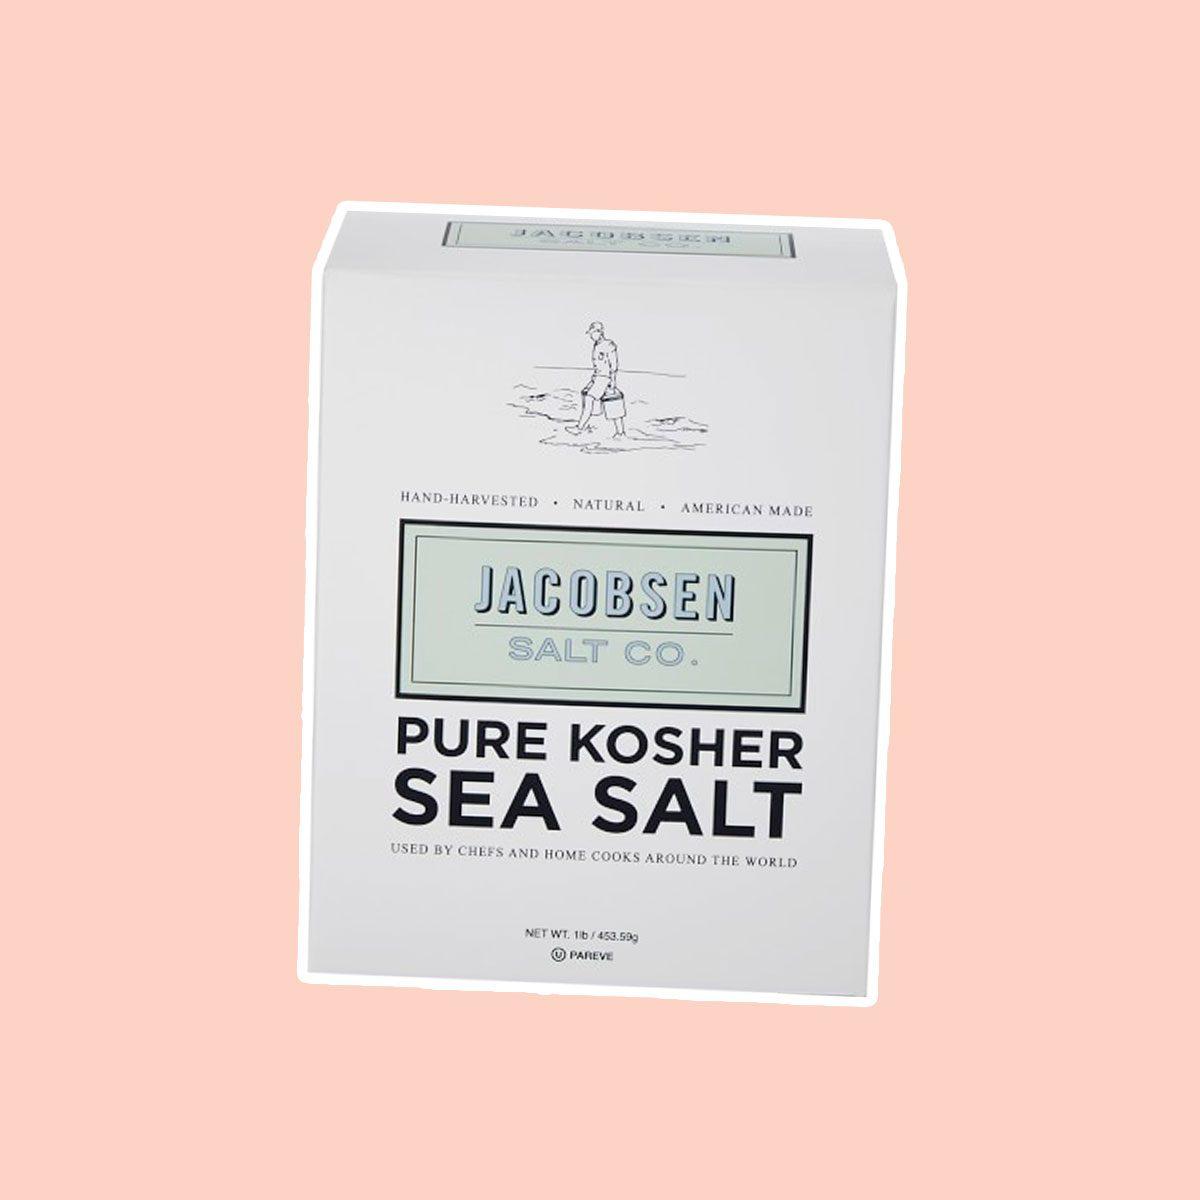 Jacobsen Kosher Salt Box